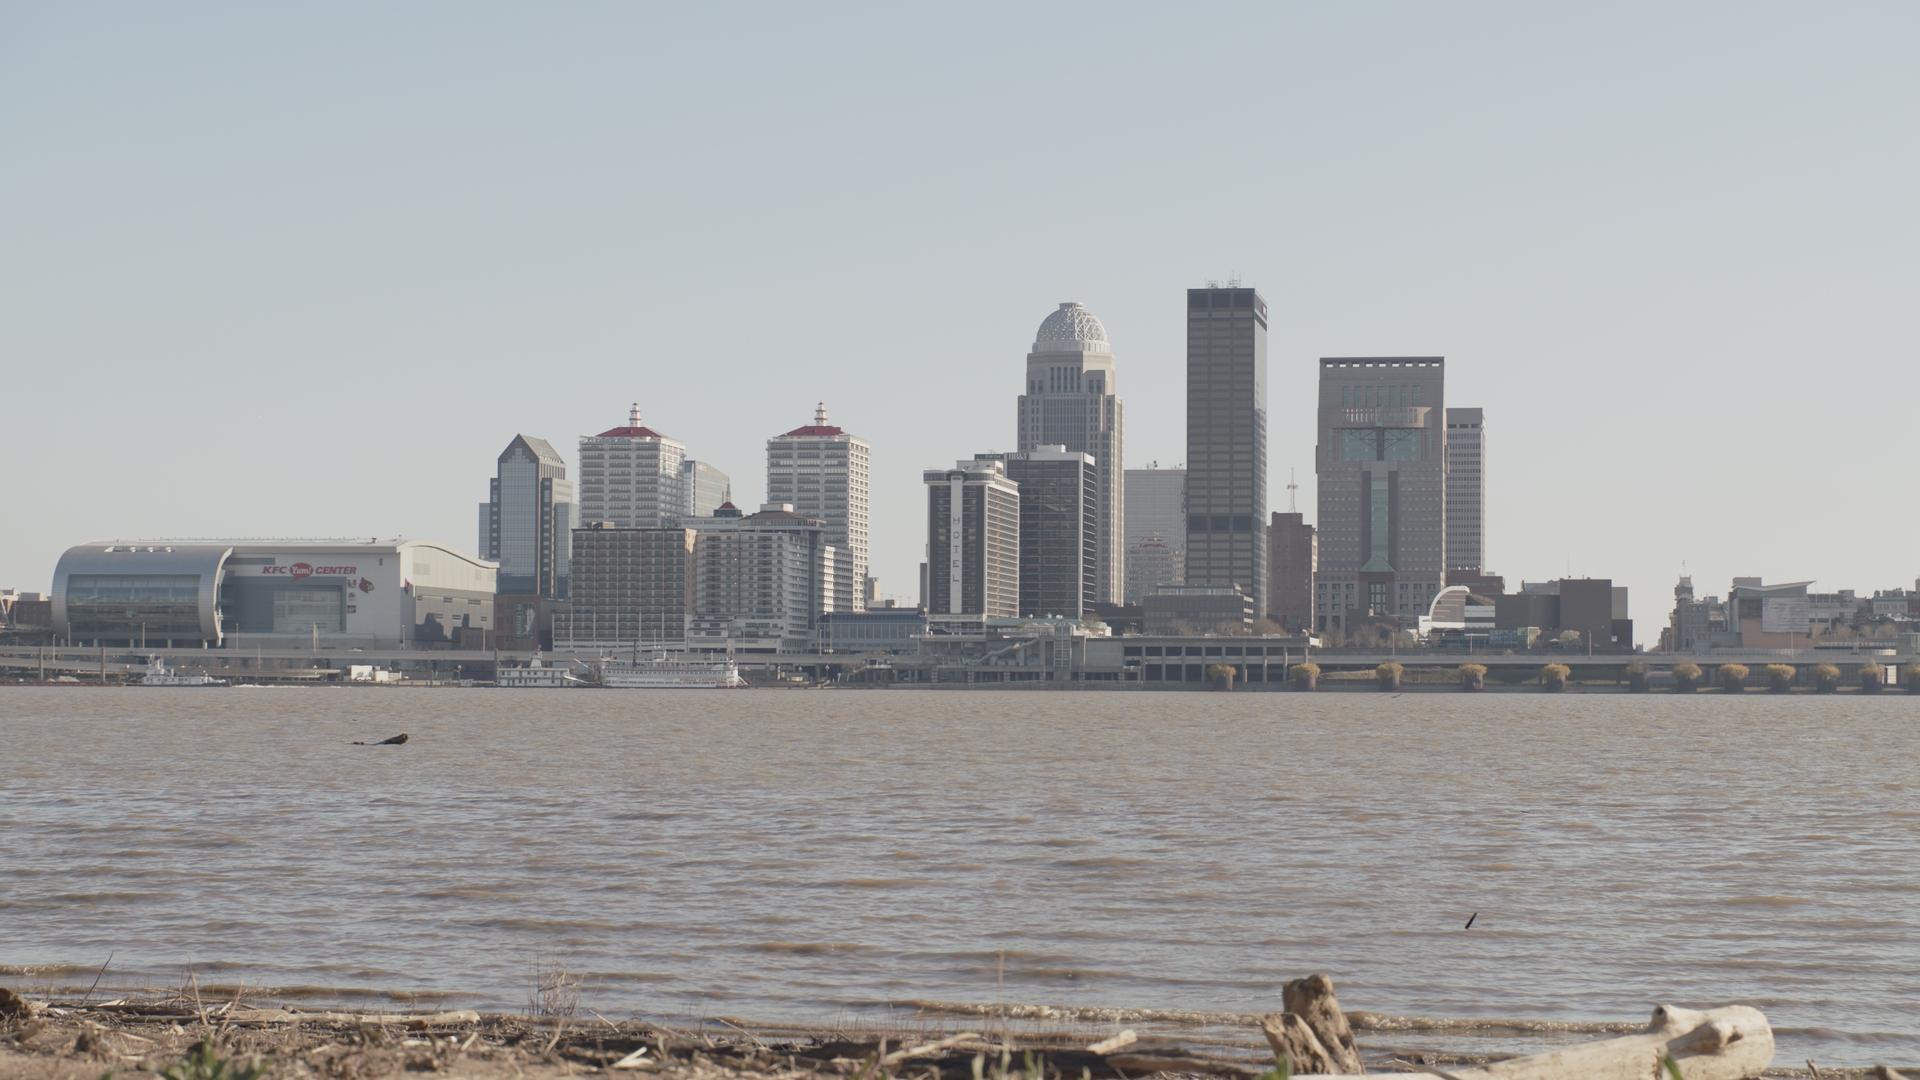 EPU_Stills_Louisville_1.17.1.jpg